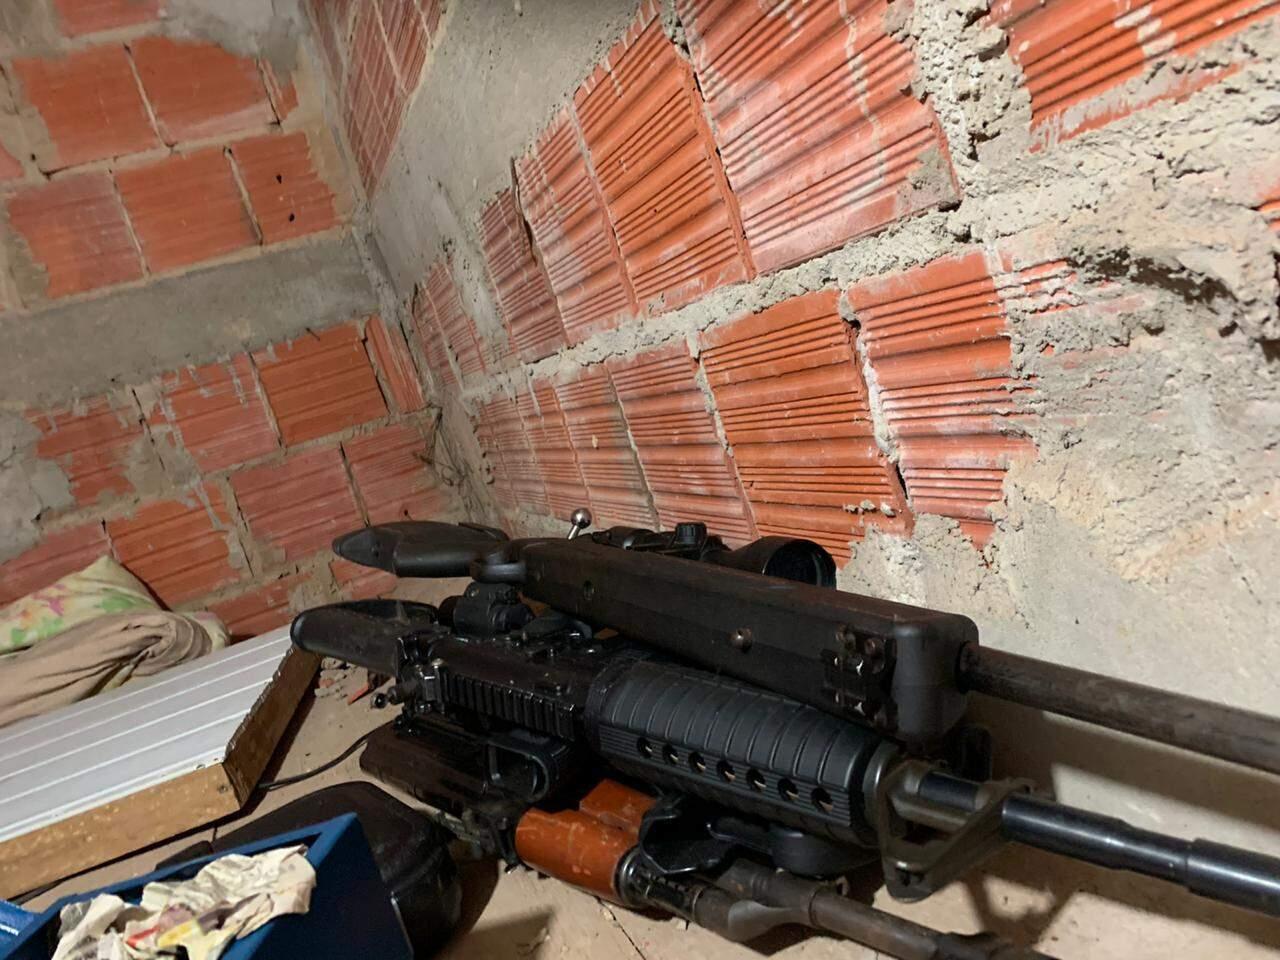 Armas encontradas ontem no QG do PCC em Ponta Porã, onde gerente financeiro da facção foi preso (Foto: Divulgação)